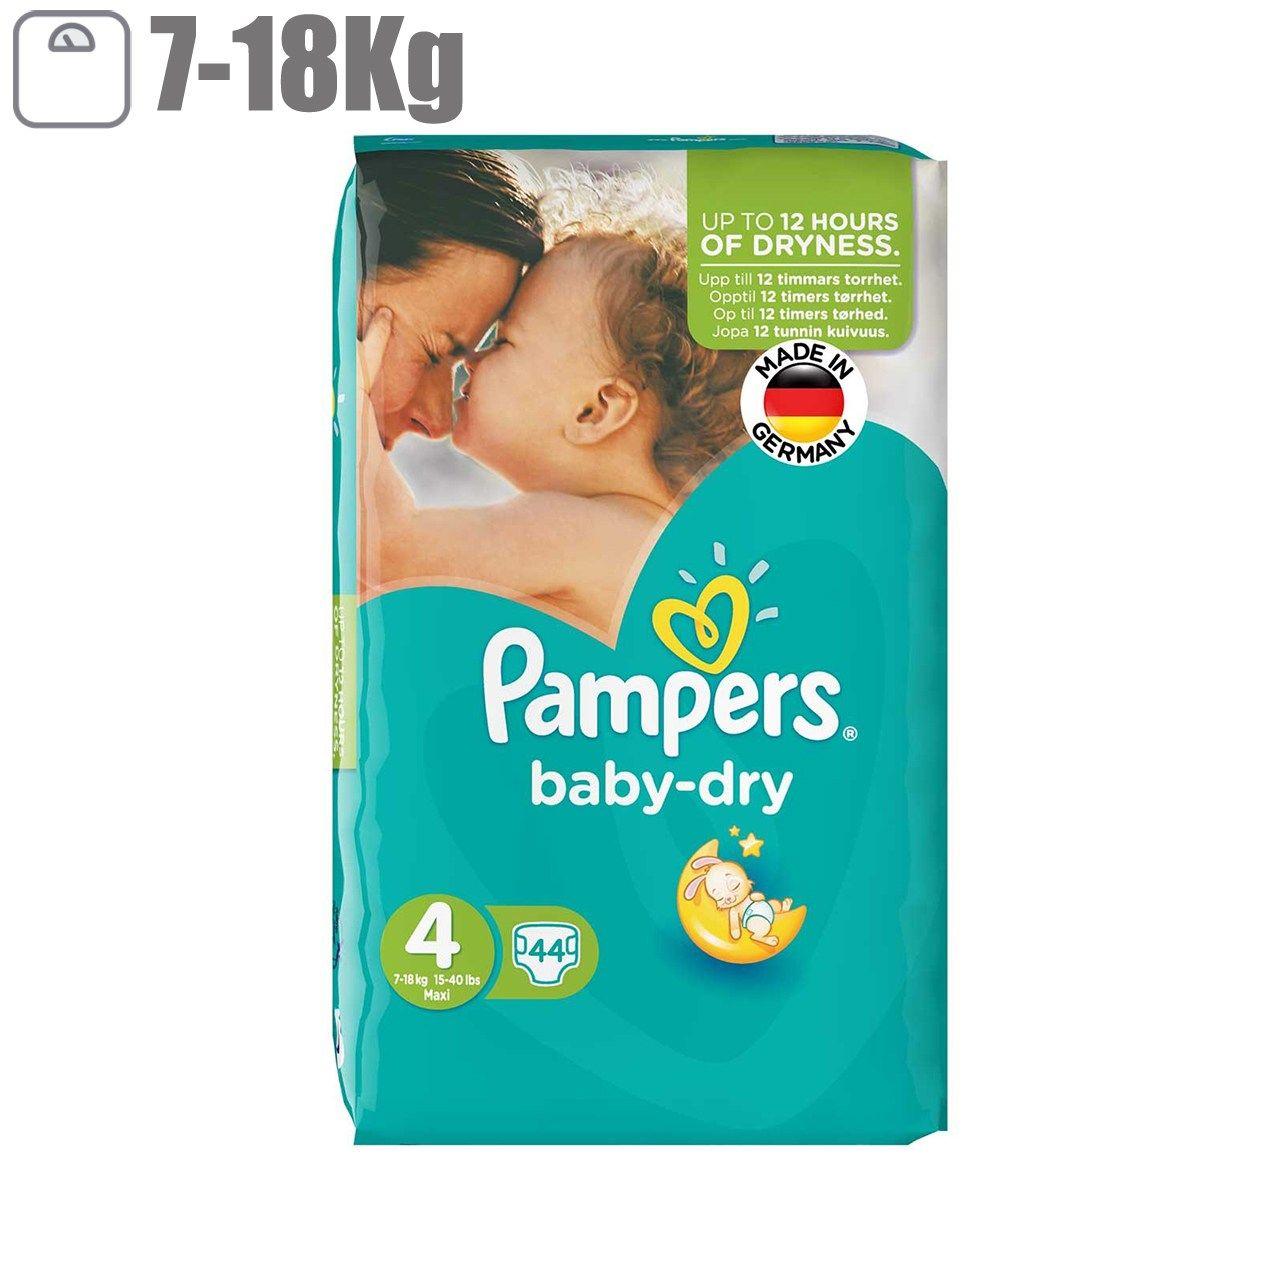 پوشک پمپرز مدل Baby Dry سایز 4 بسته 44 عددی main 1 1